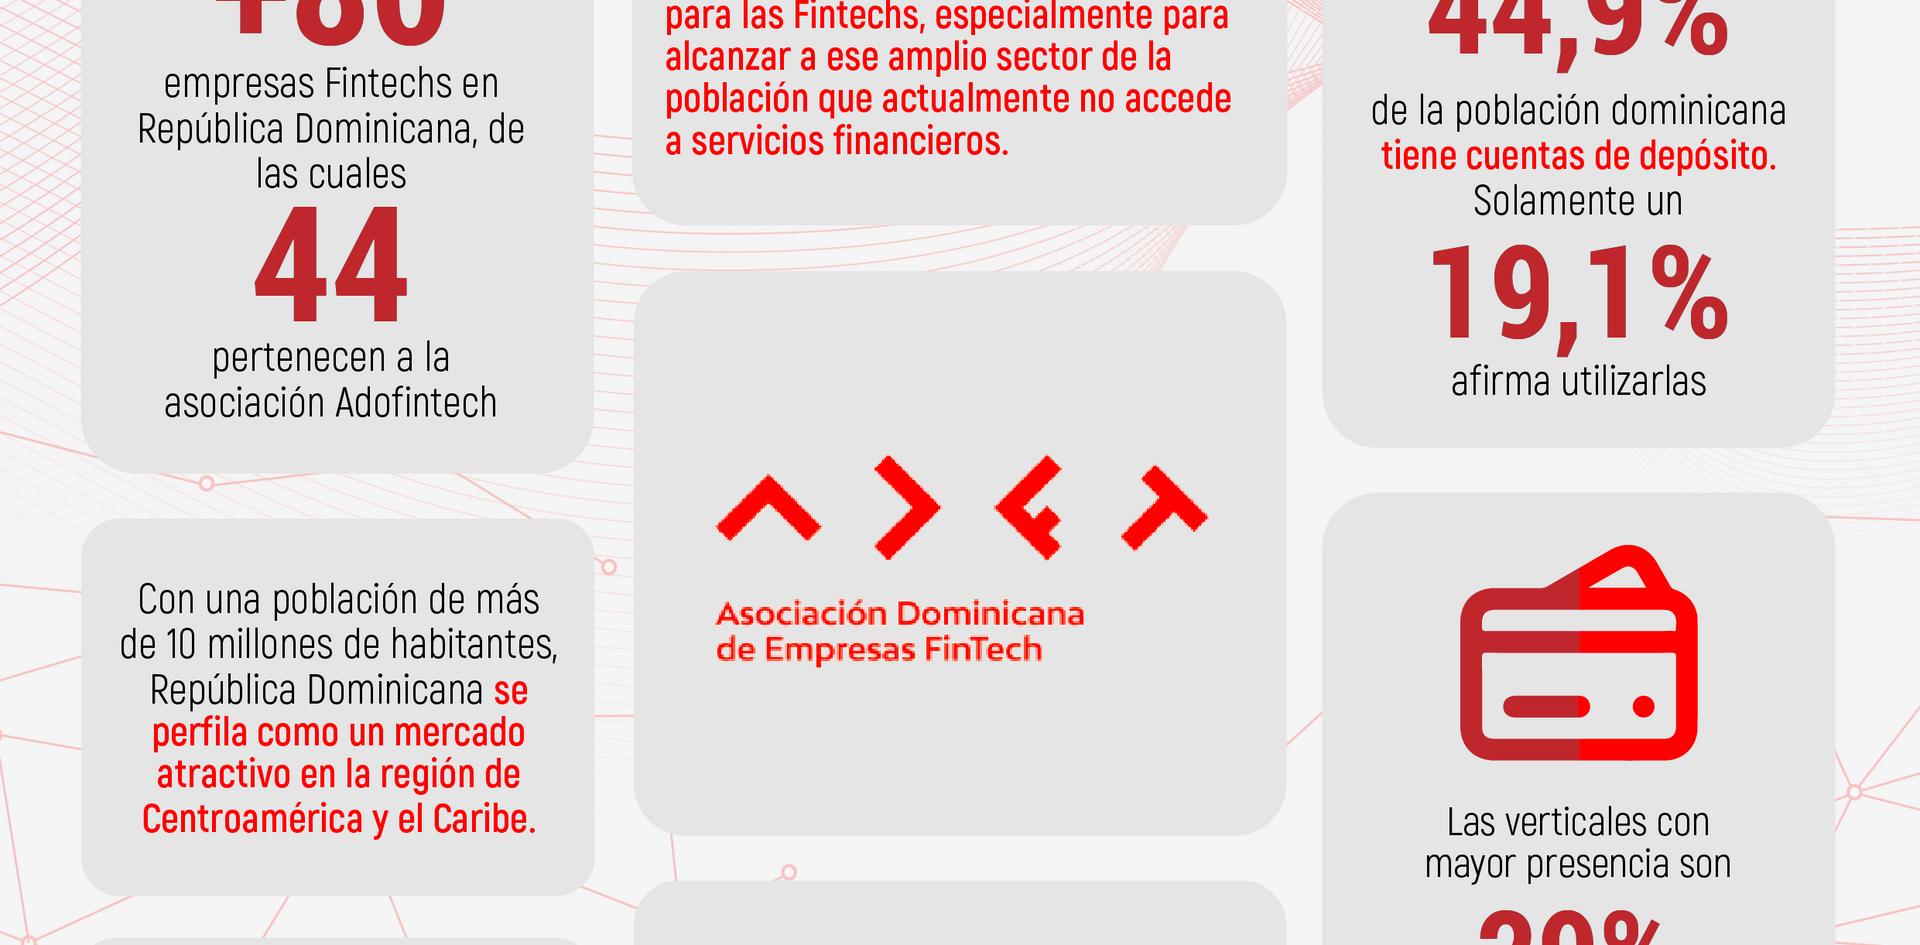 Asociación Dominicana de Empresas Fintech